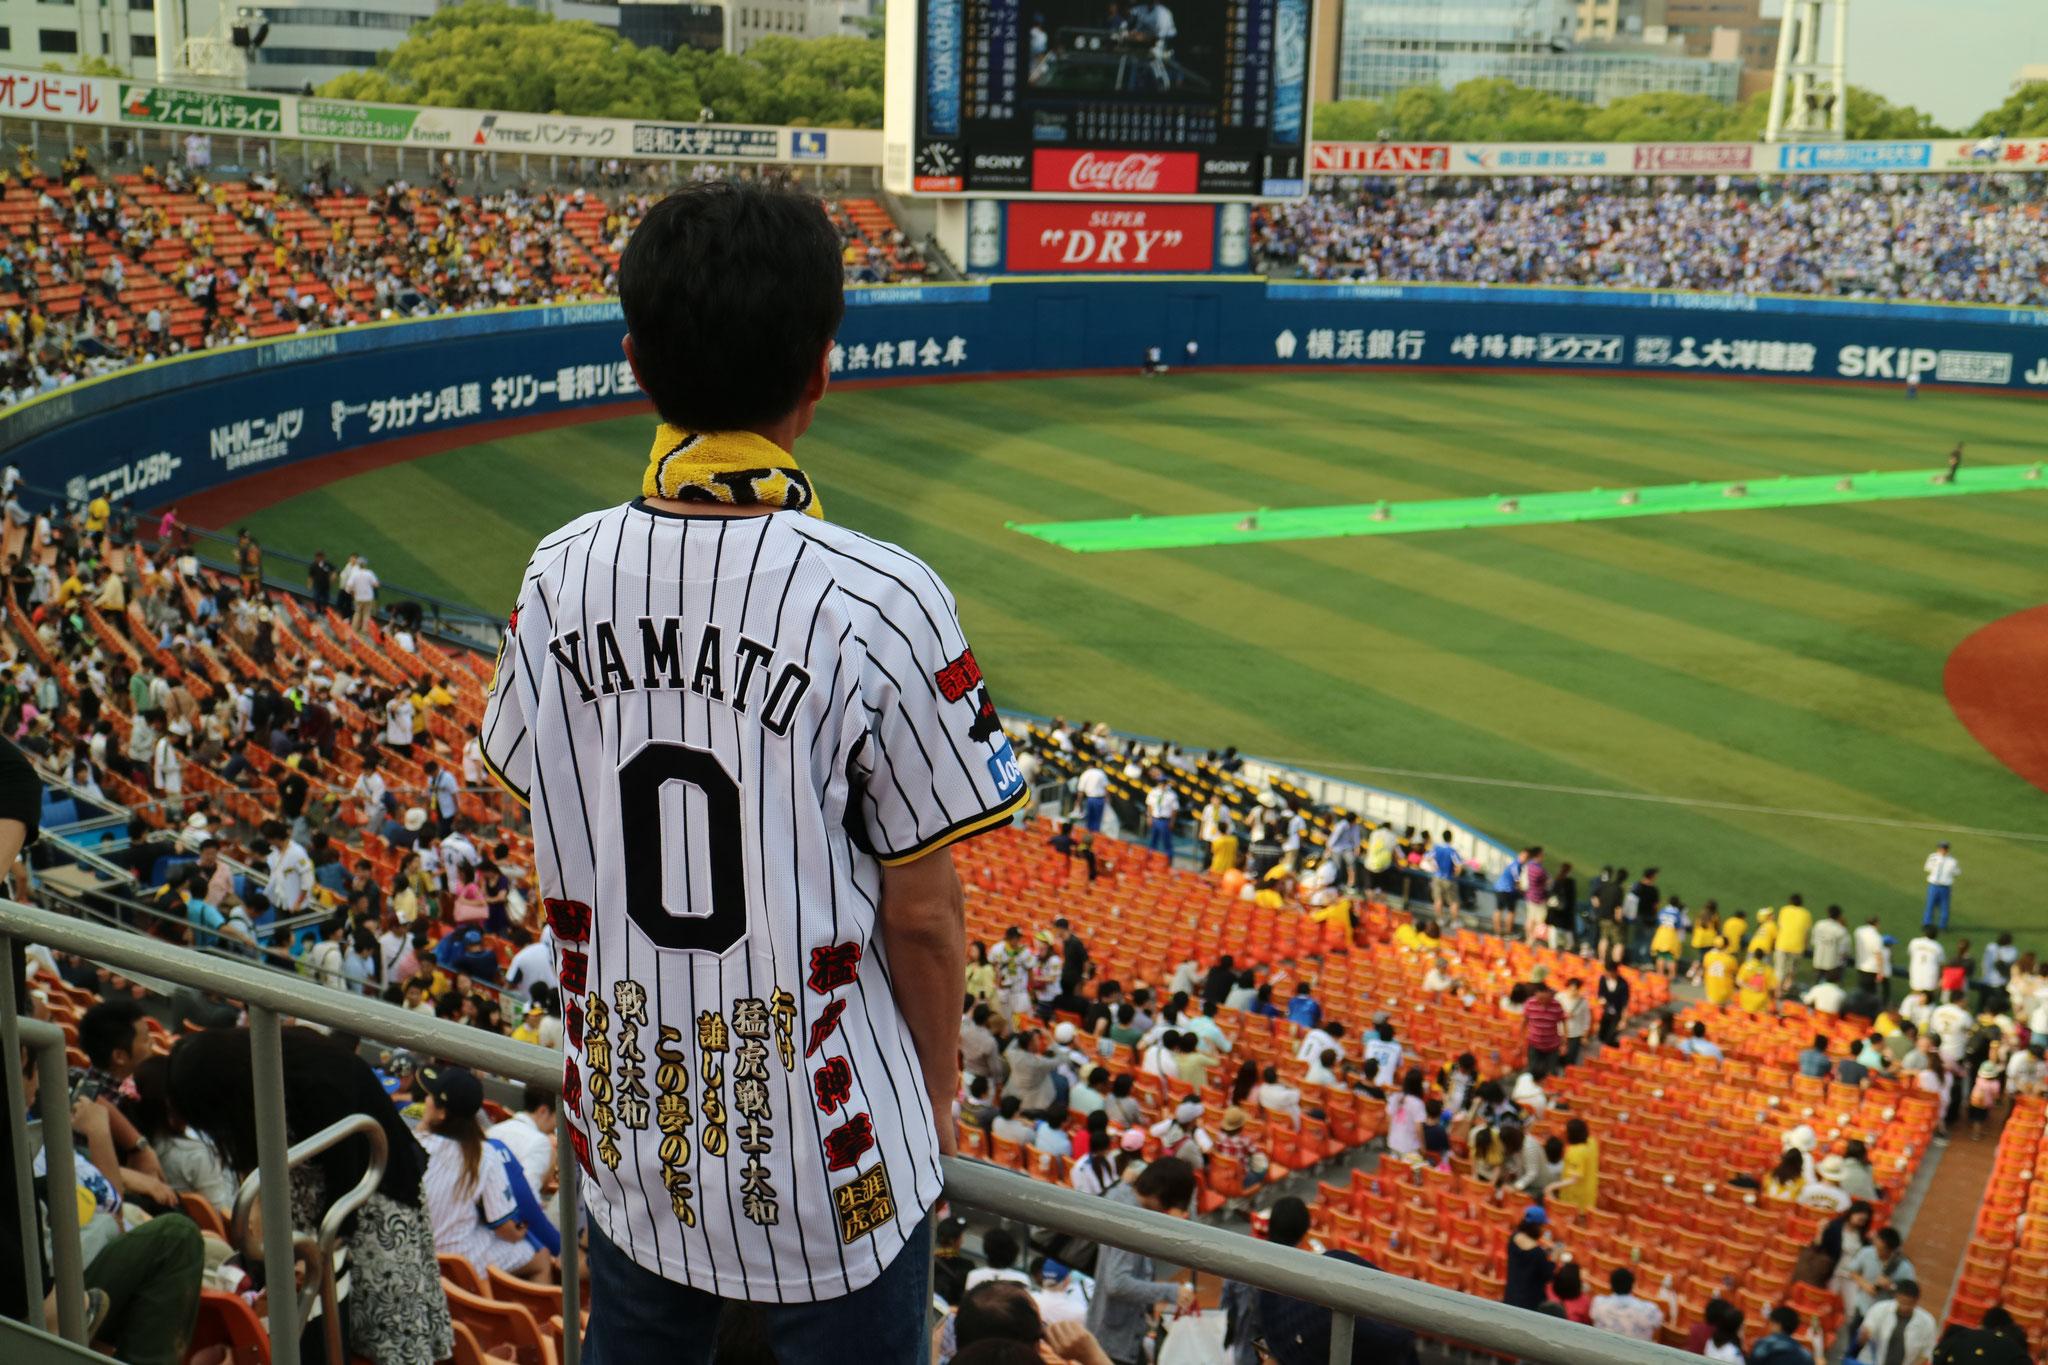 阪神vsDeNA戦 横浜スタジアム